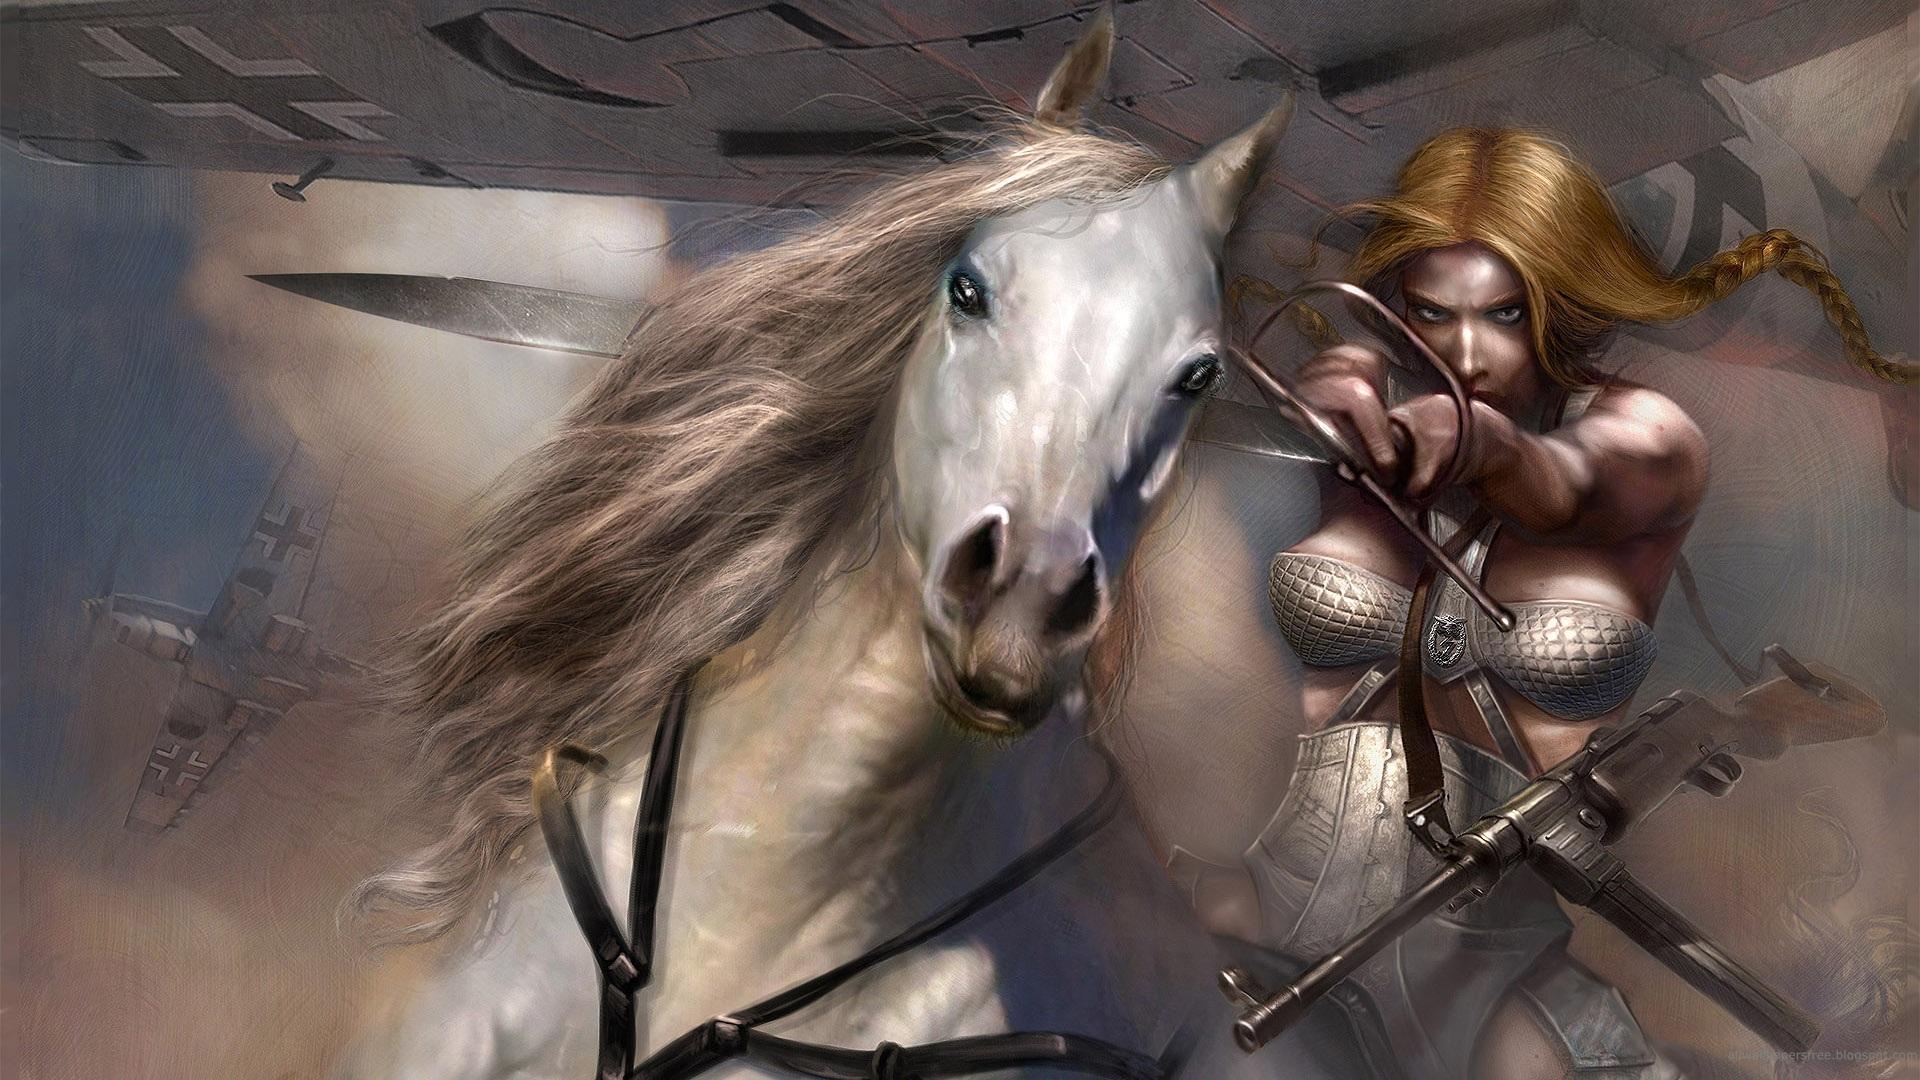 Download HQ Fantasy wallpaper / 3d And Digital Art / 1920x1080